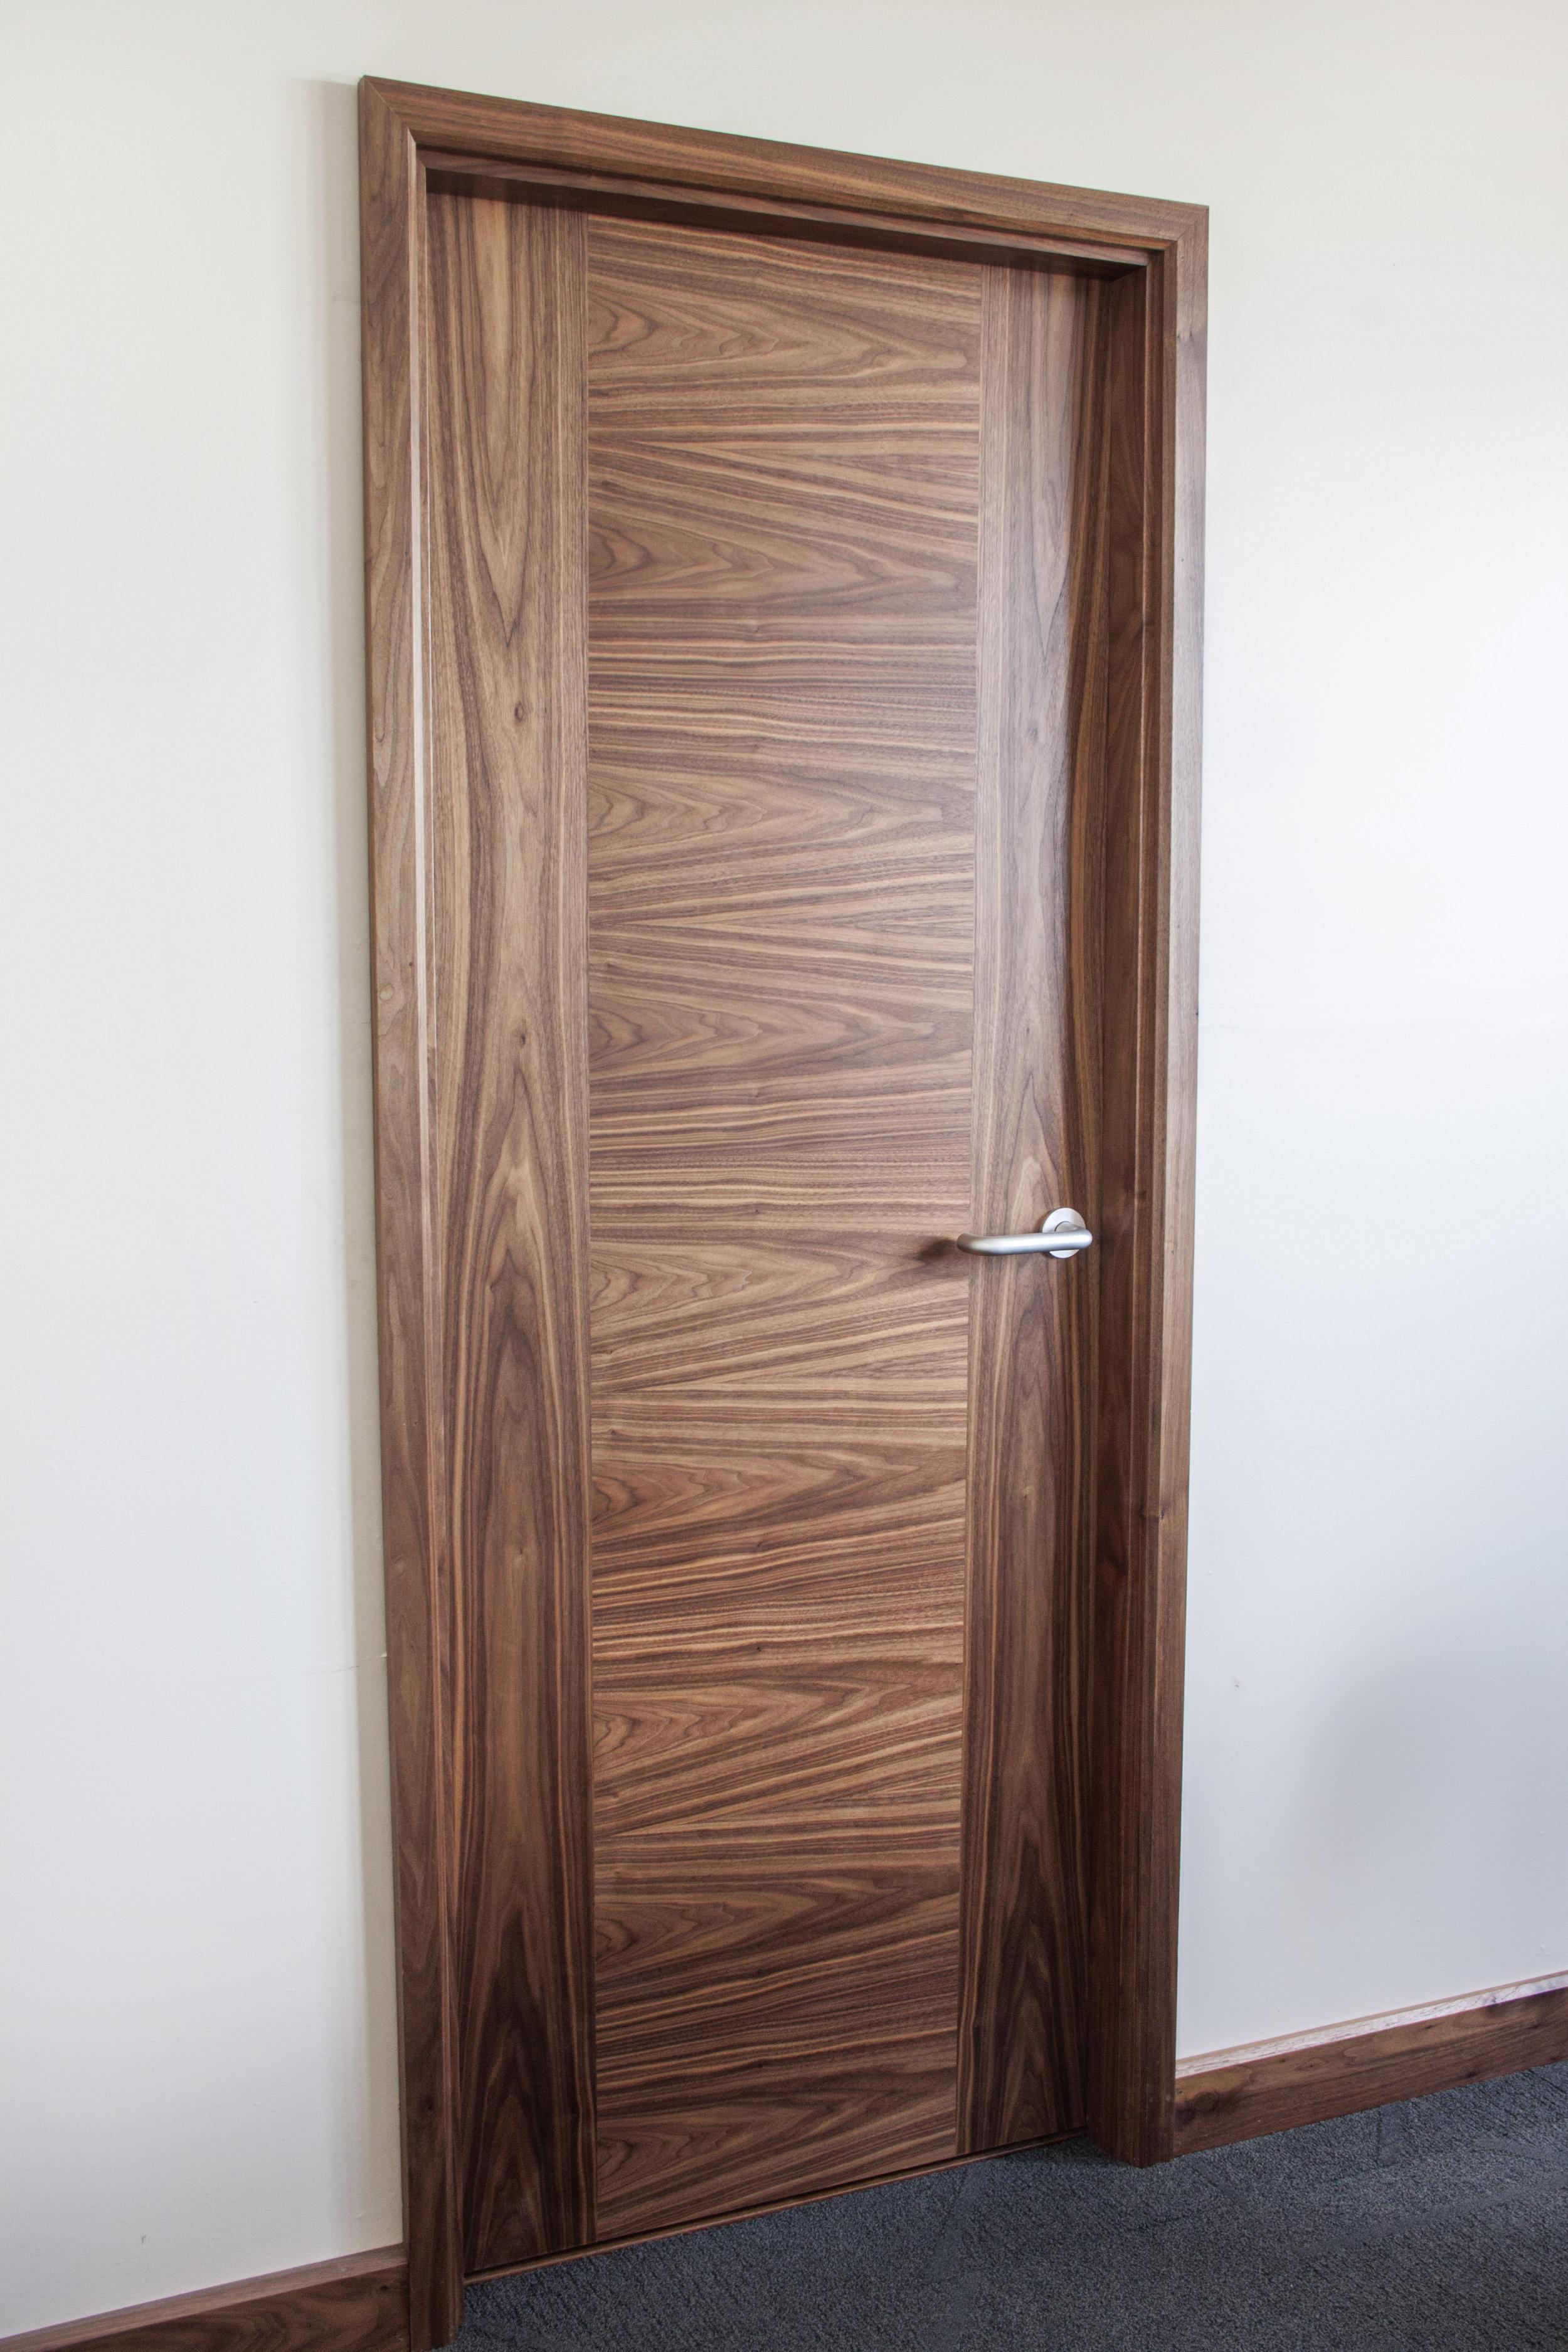 Walnut door set with horizontal veneer